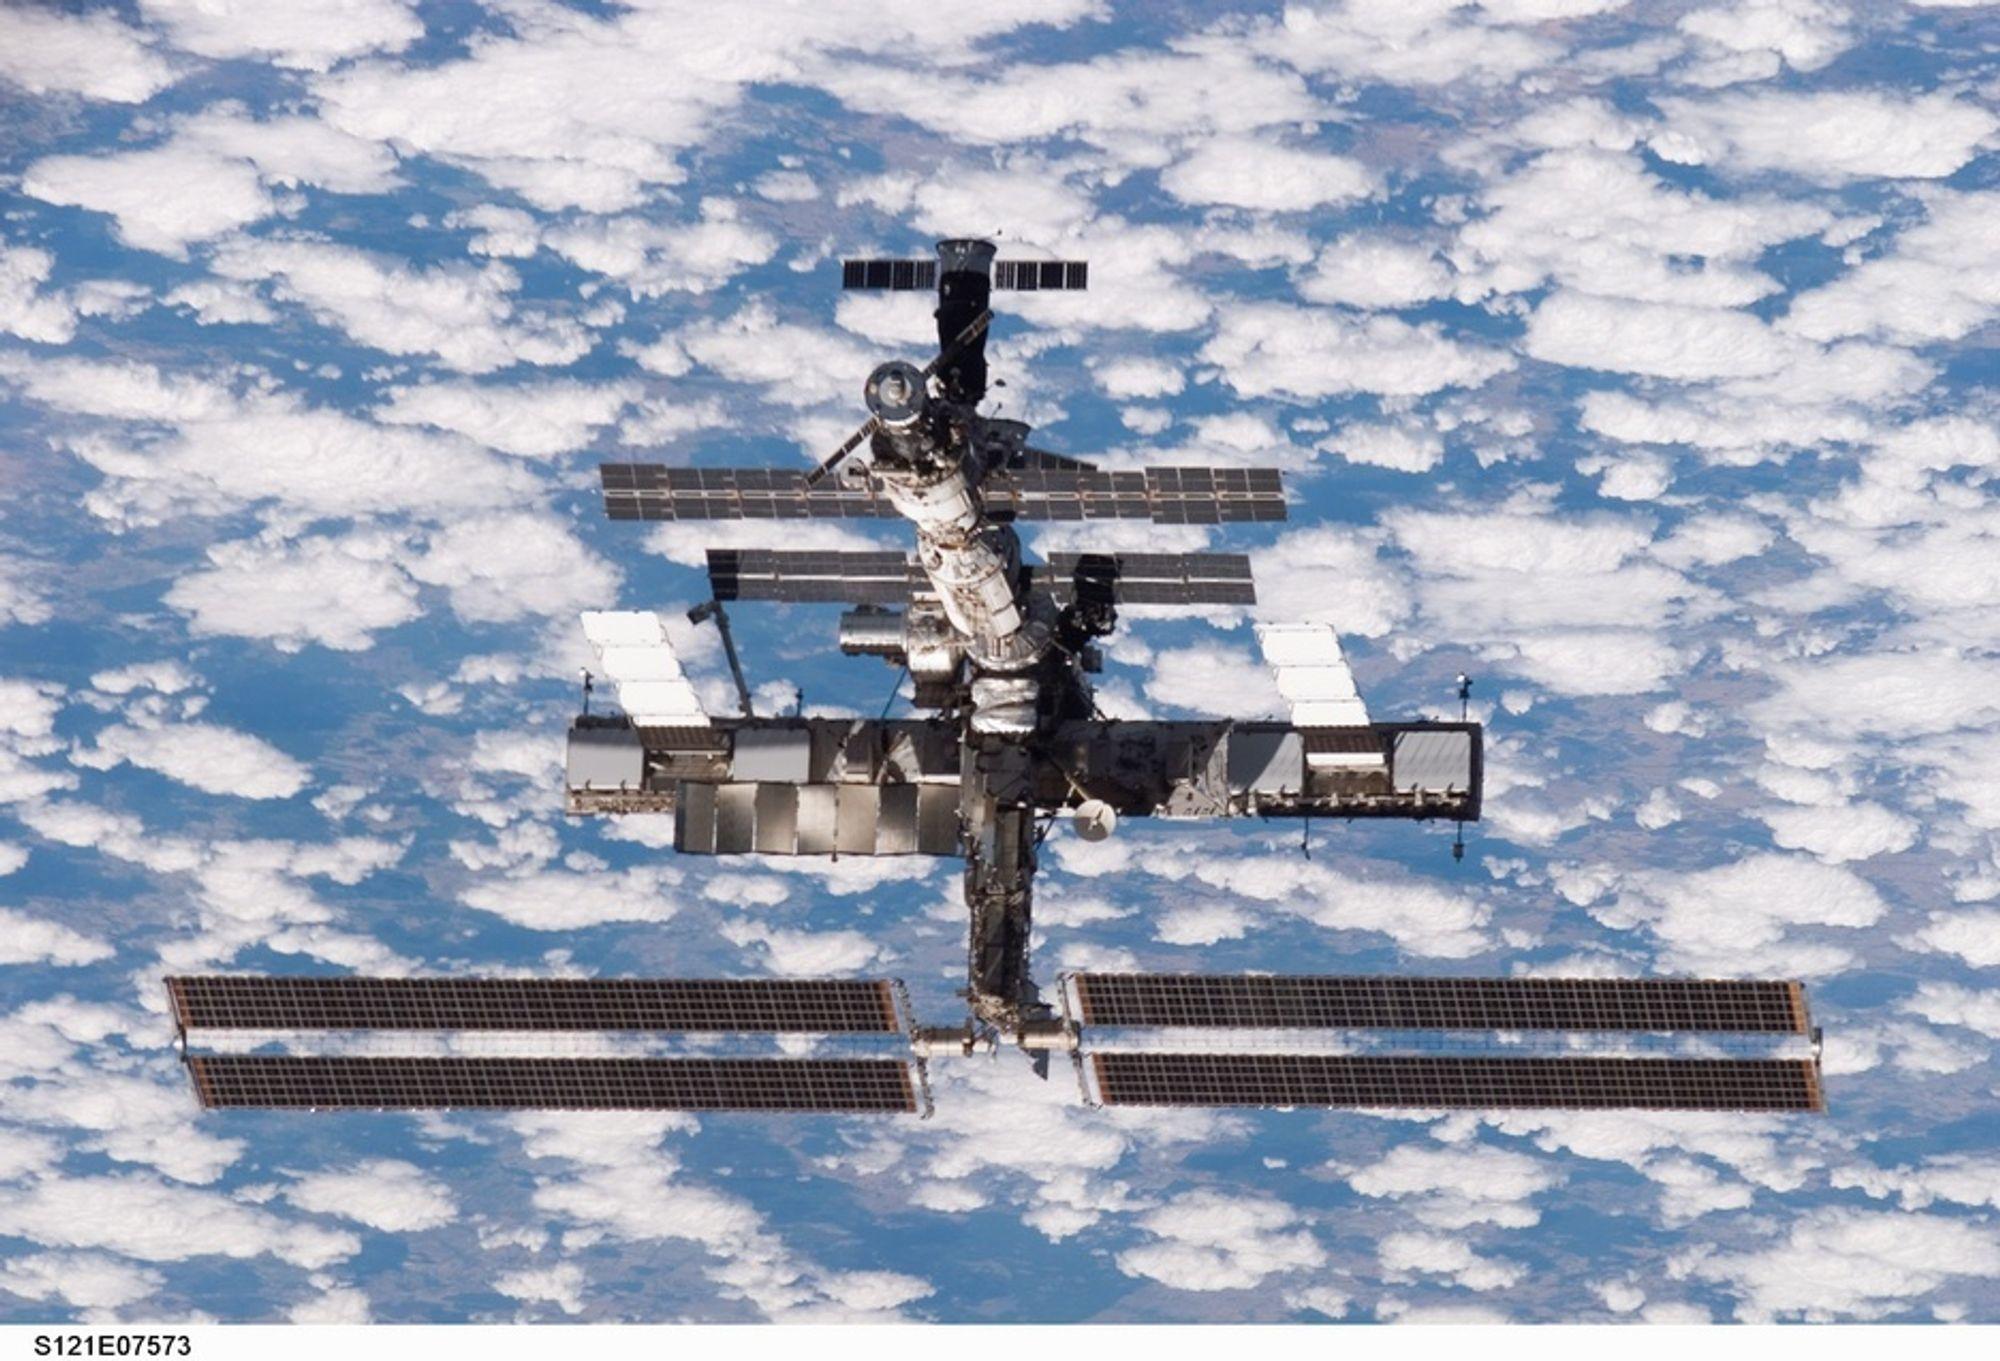 ROMSTASJON: Det befinner seg to amerikanere, en ESA-astronaut og fire russere på romstasjonen, som nå styres fra Housteo. Illustrasjonsbilde.